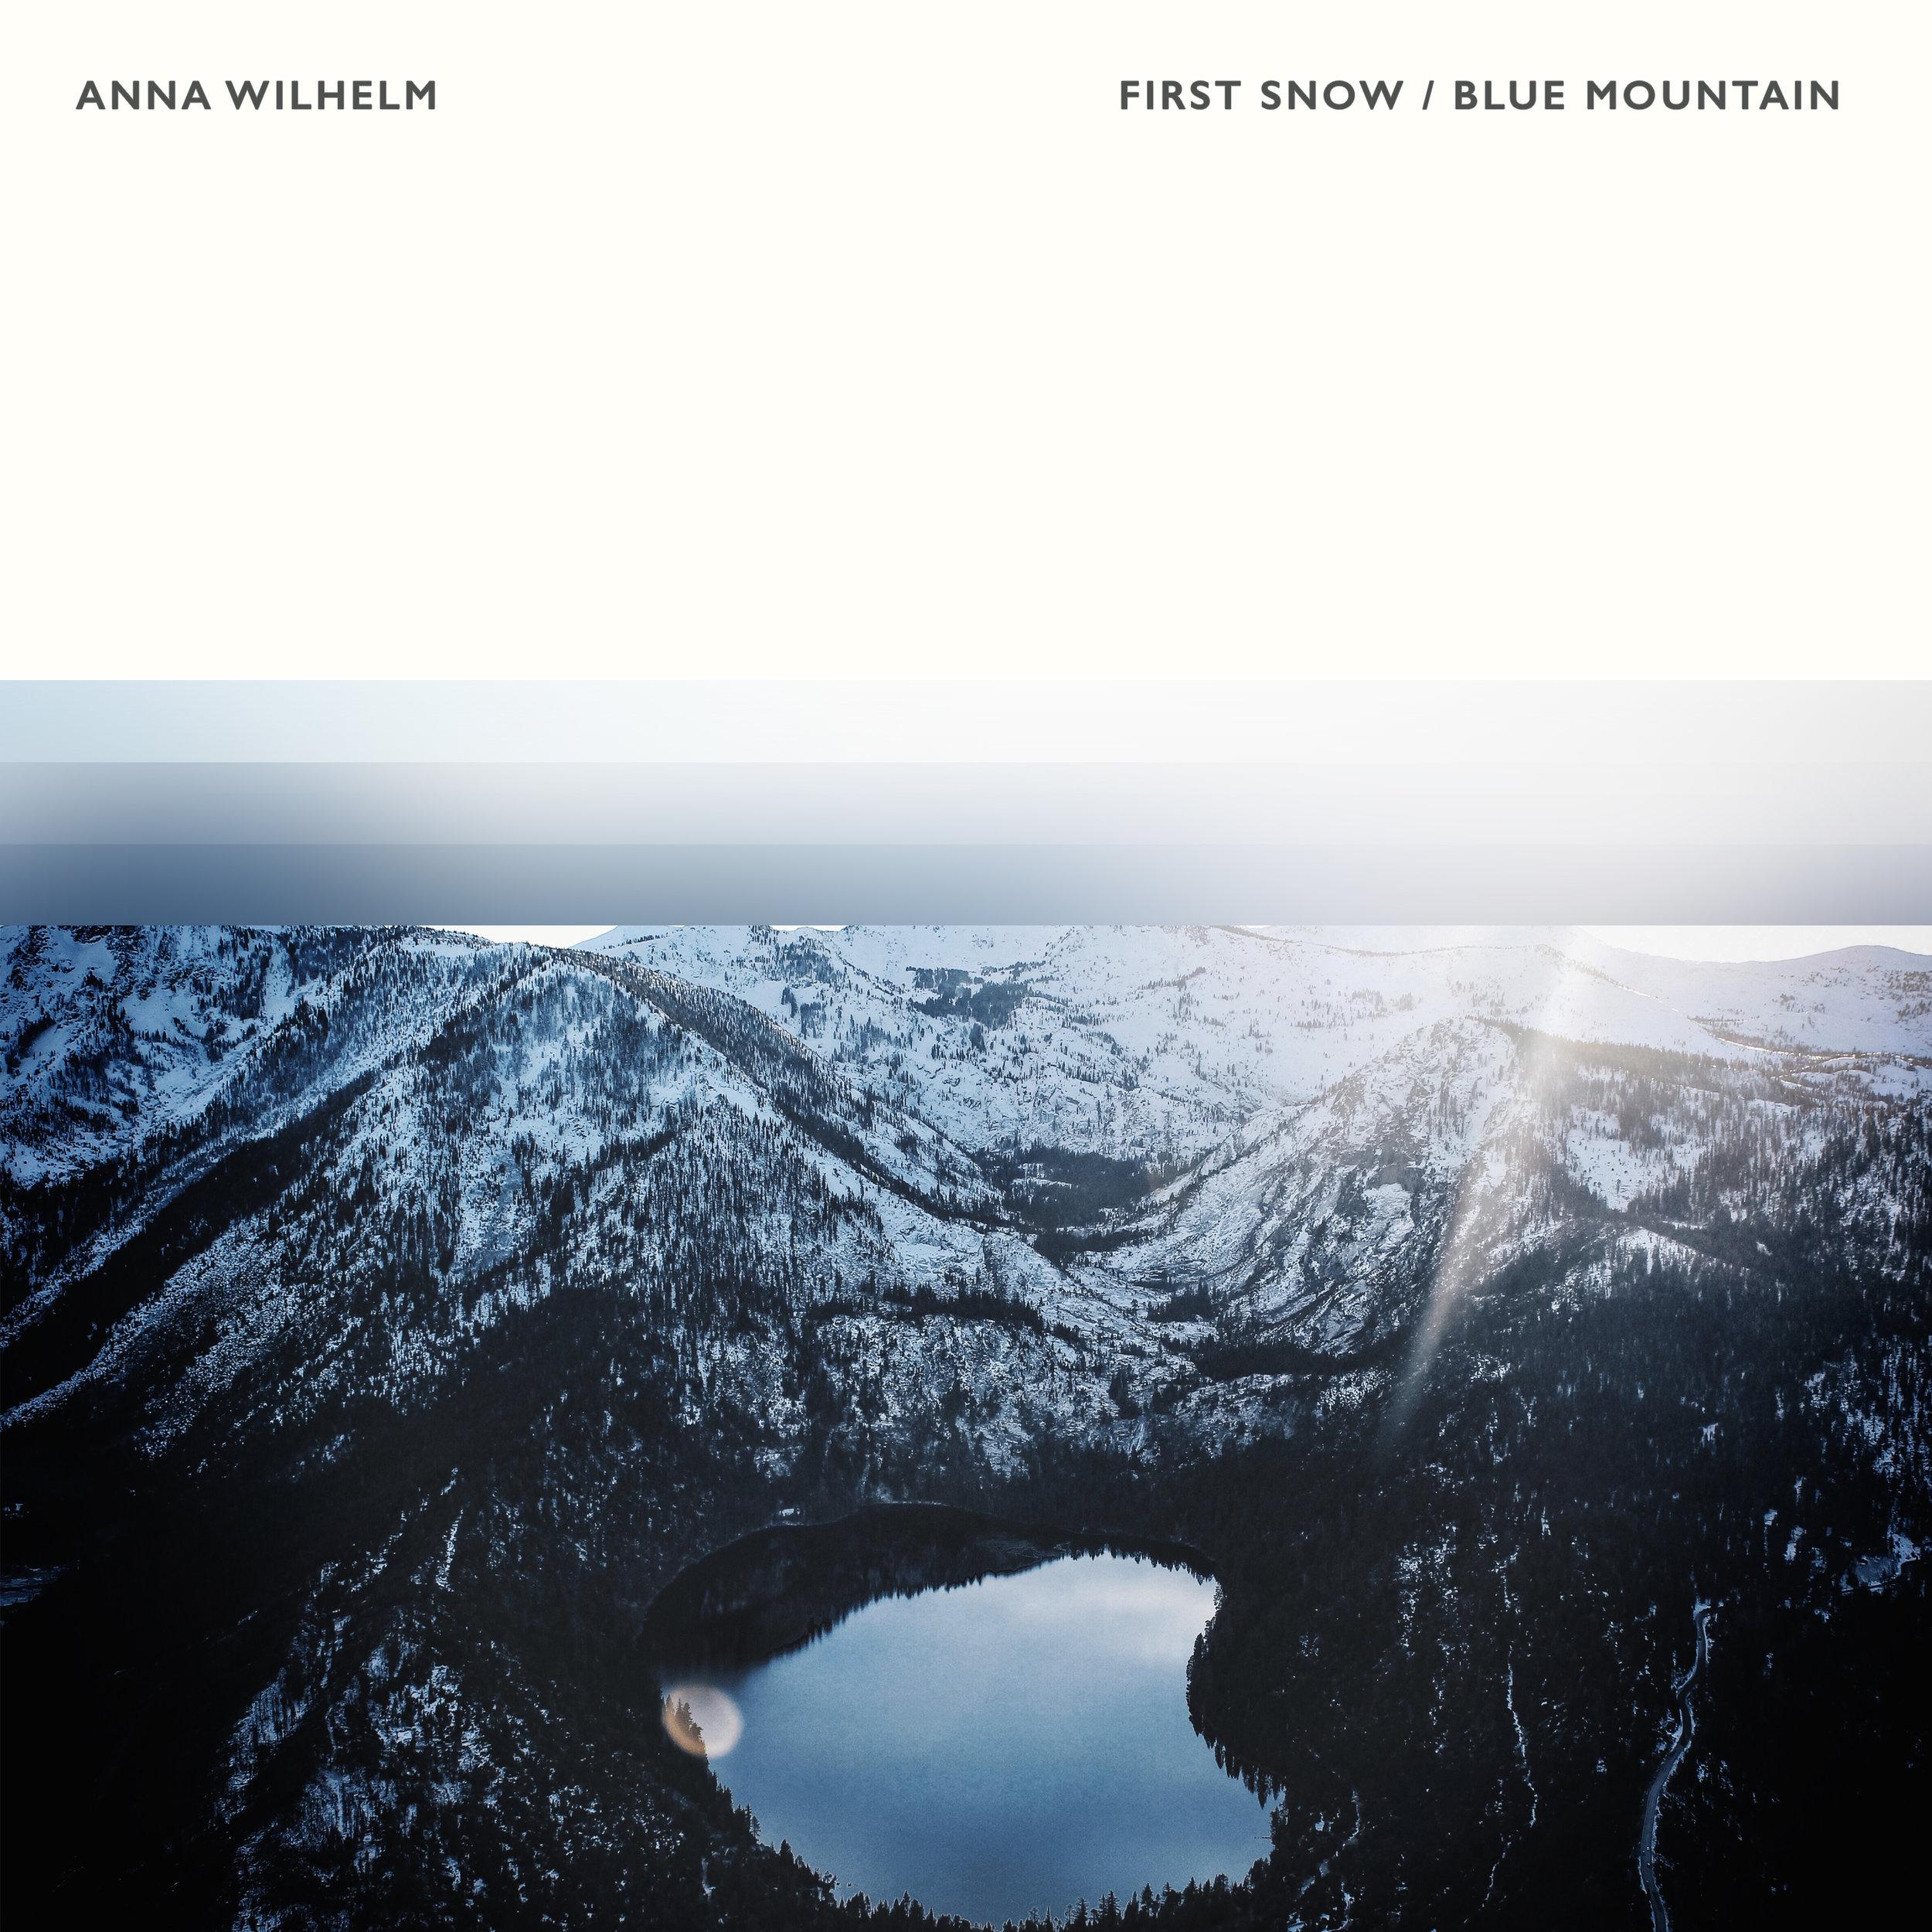 Anna Wilhelm - First Snow/Blue Mountain